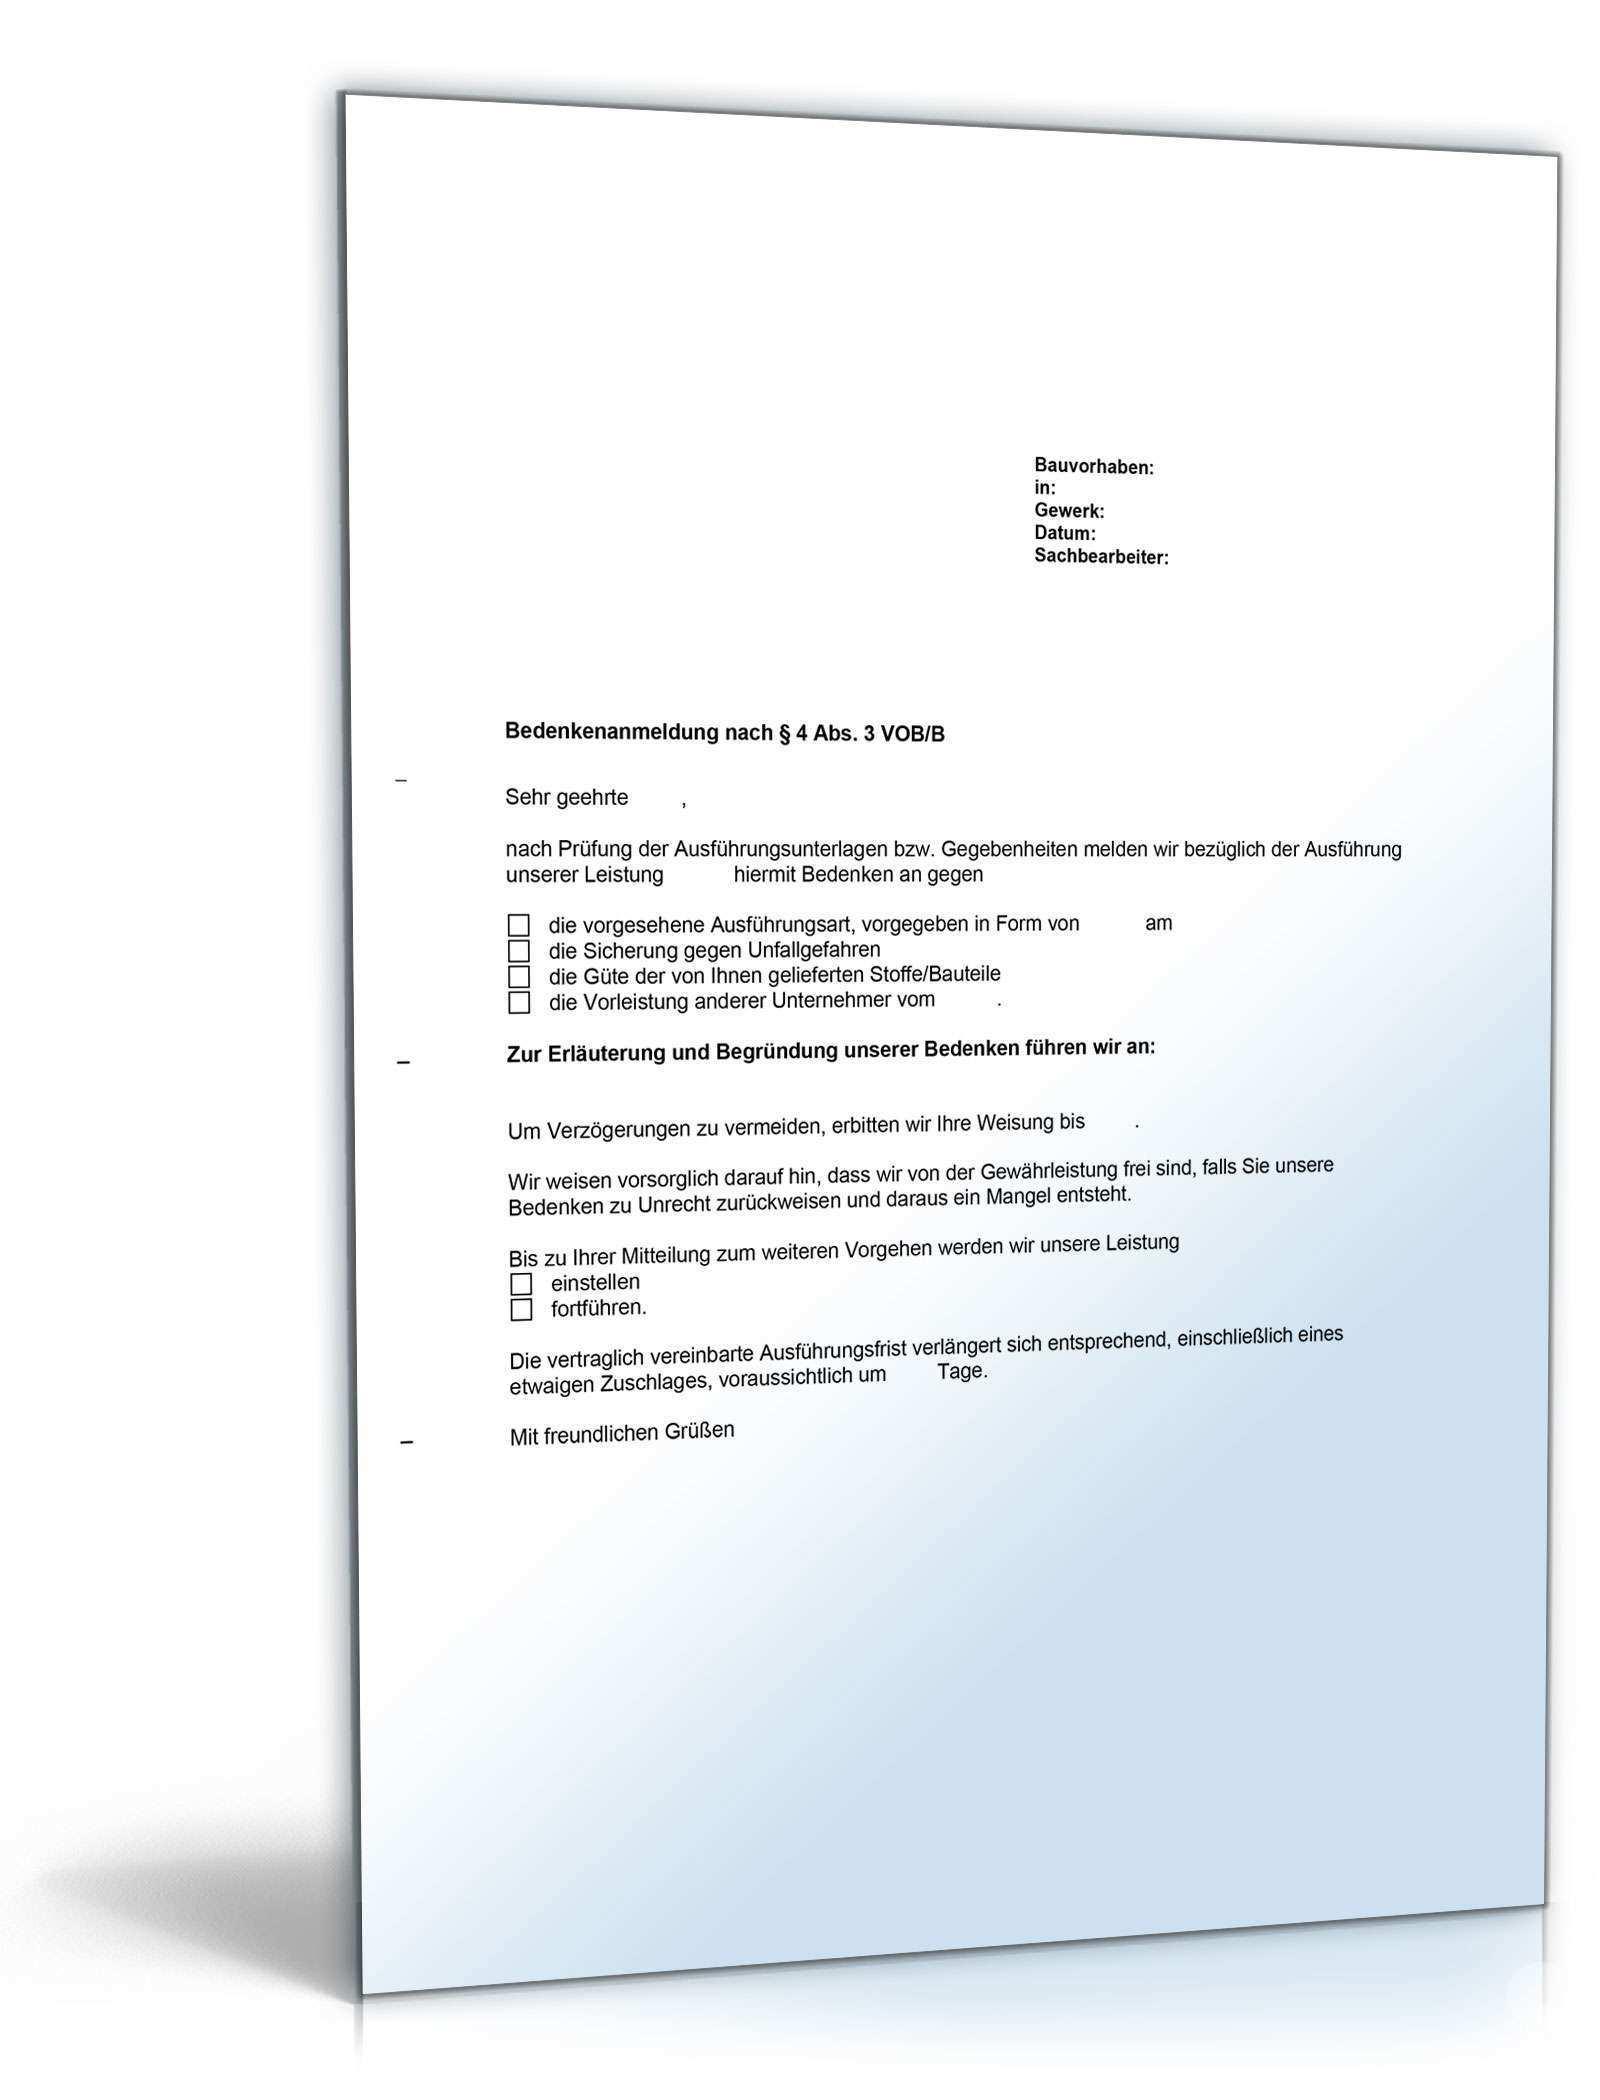 Umfassende Bedenkenanmeldung Beim Bauvertrag